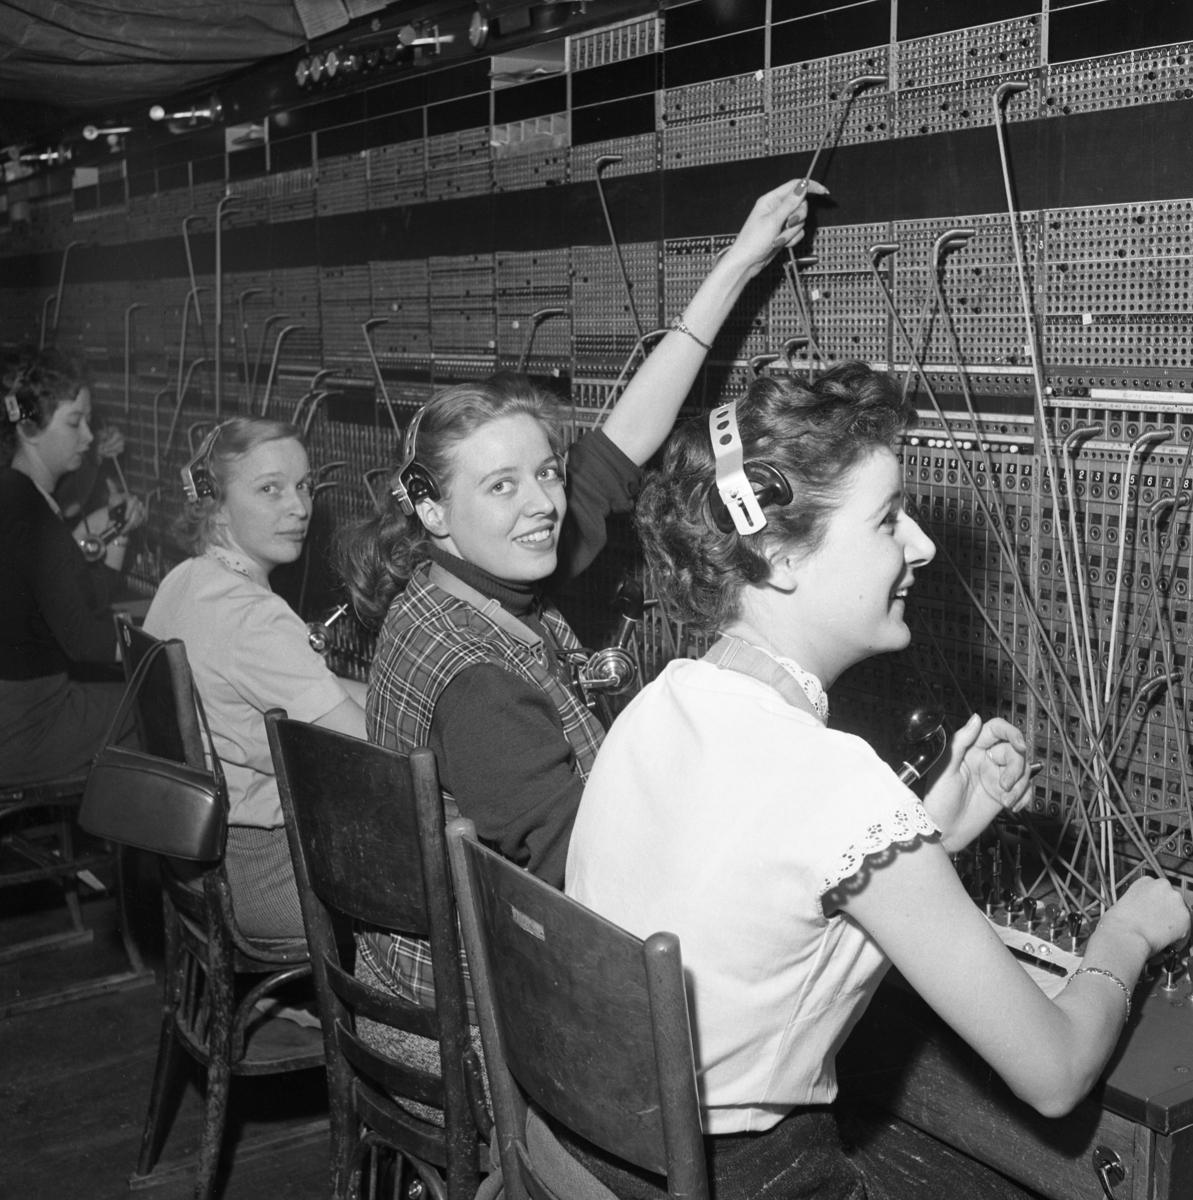 Trots brandskadorna i Televerket på Nygatan, fortsätter arbetet vid växelborden. Fyra växeltelefonister kopplar samtal.  Läs om Telefonen i Arboga och branden på Televerket 1956 i Arboga Minnes årsbok 1993.